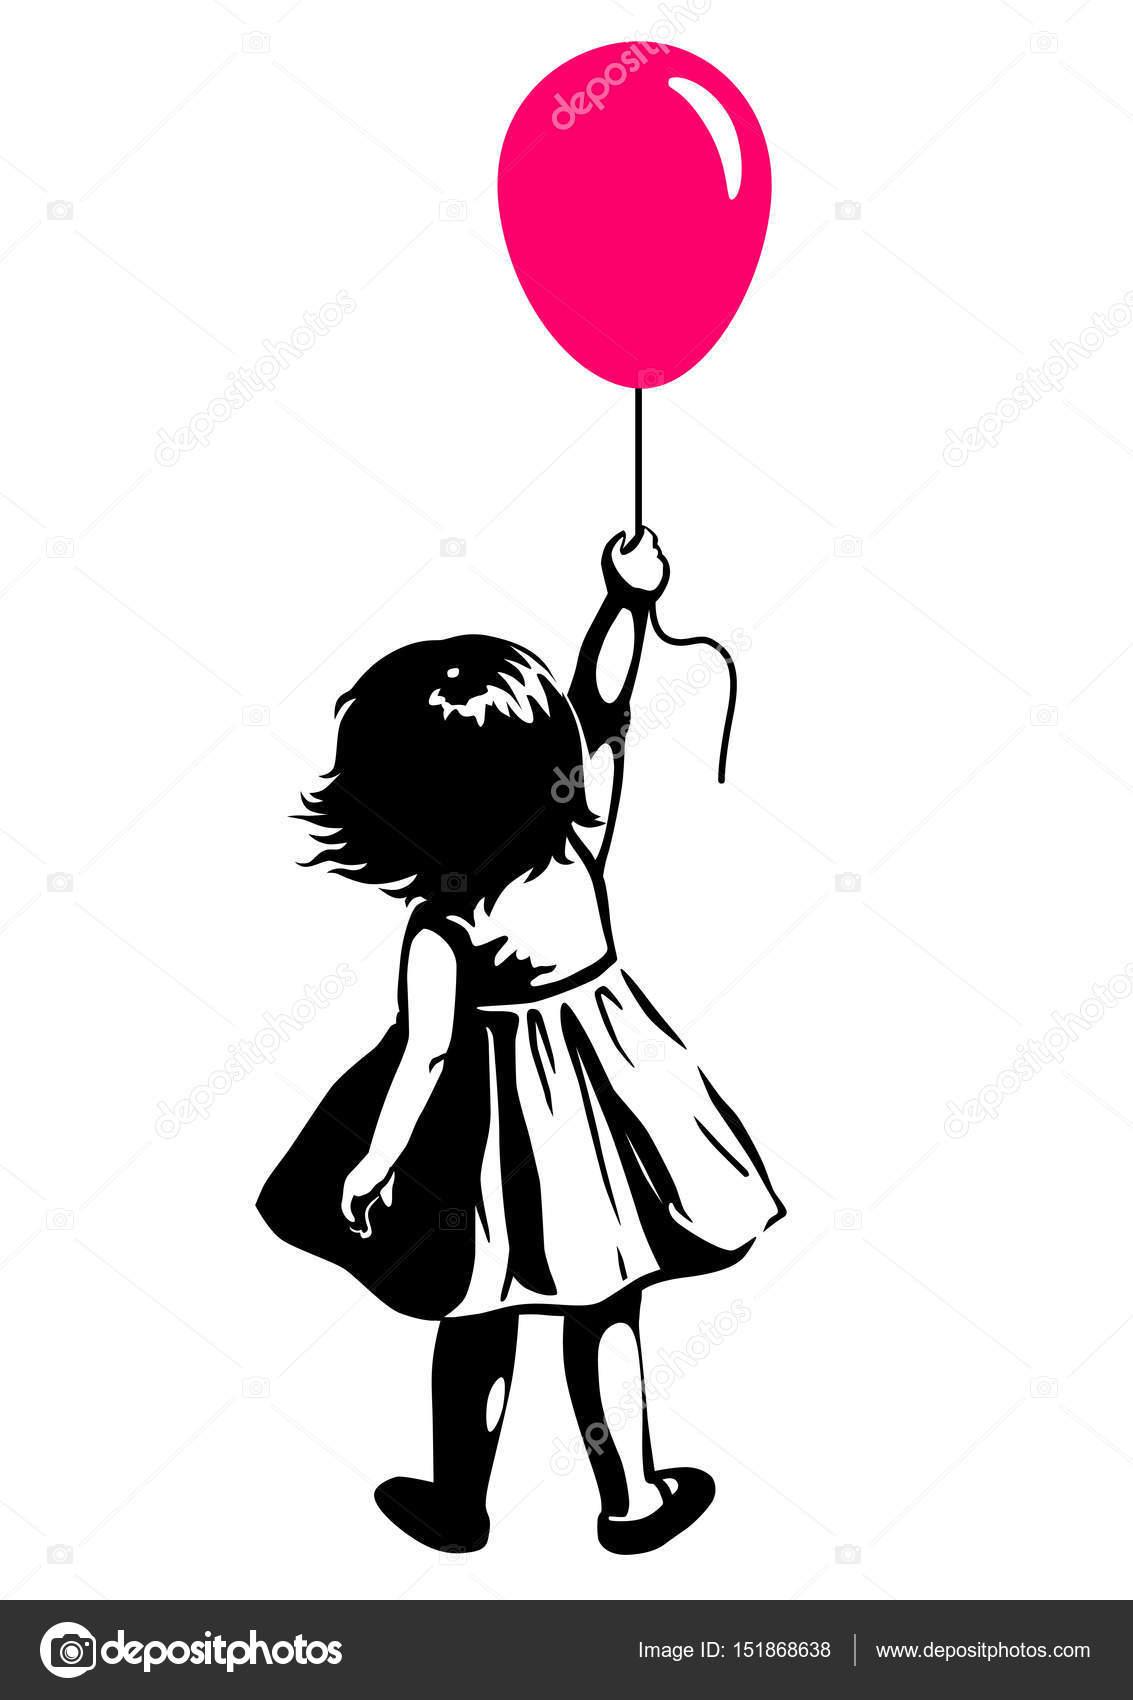 Illustrazione Bambino Con Palloncino Bianco E Nero Bambina Con I